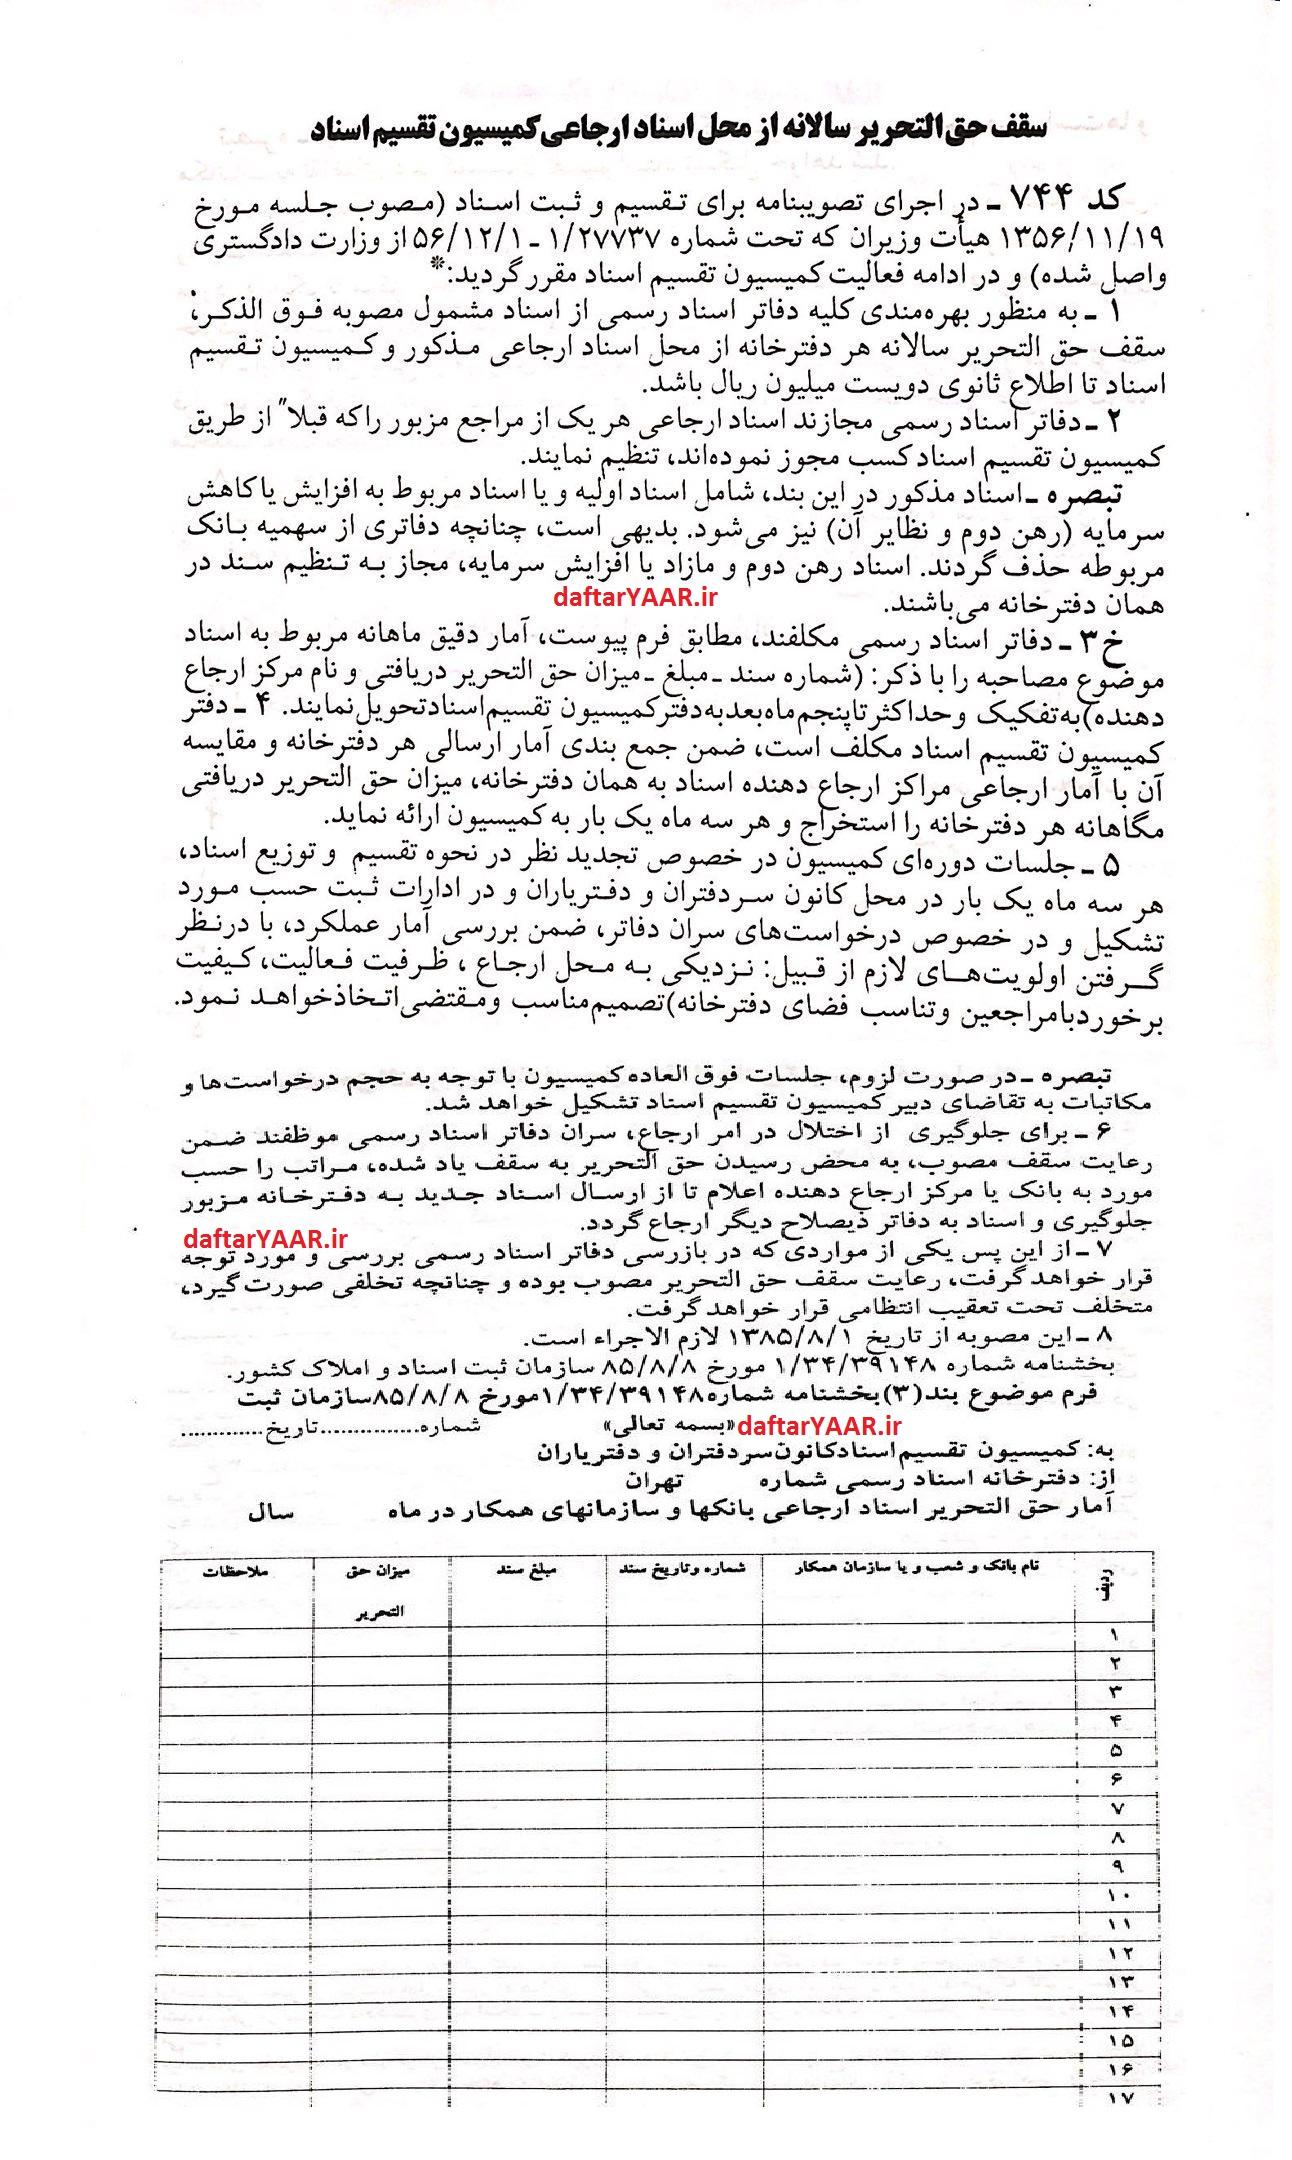 سقف حق التحریر تقسیم اسناد